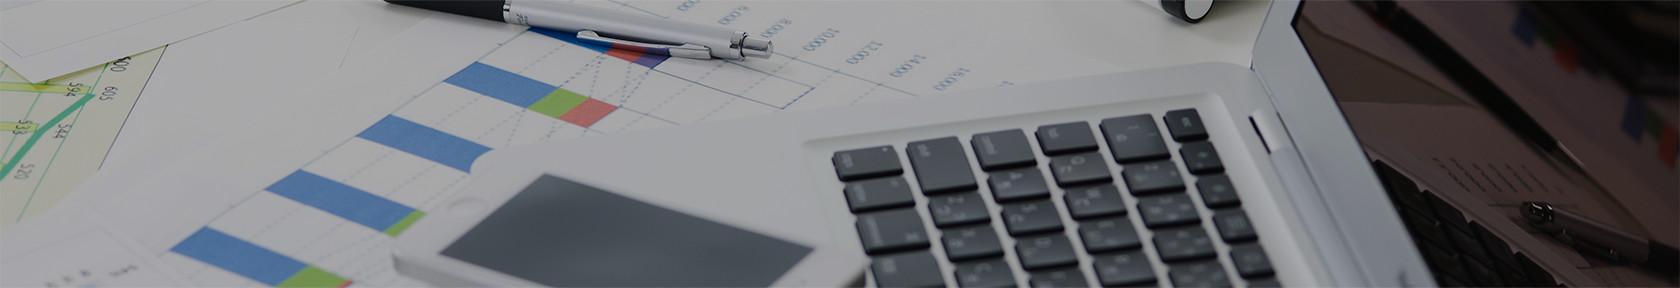 連携システム・企業